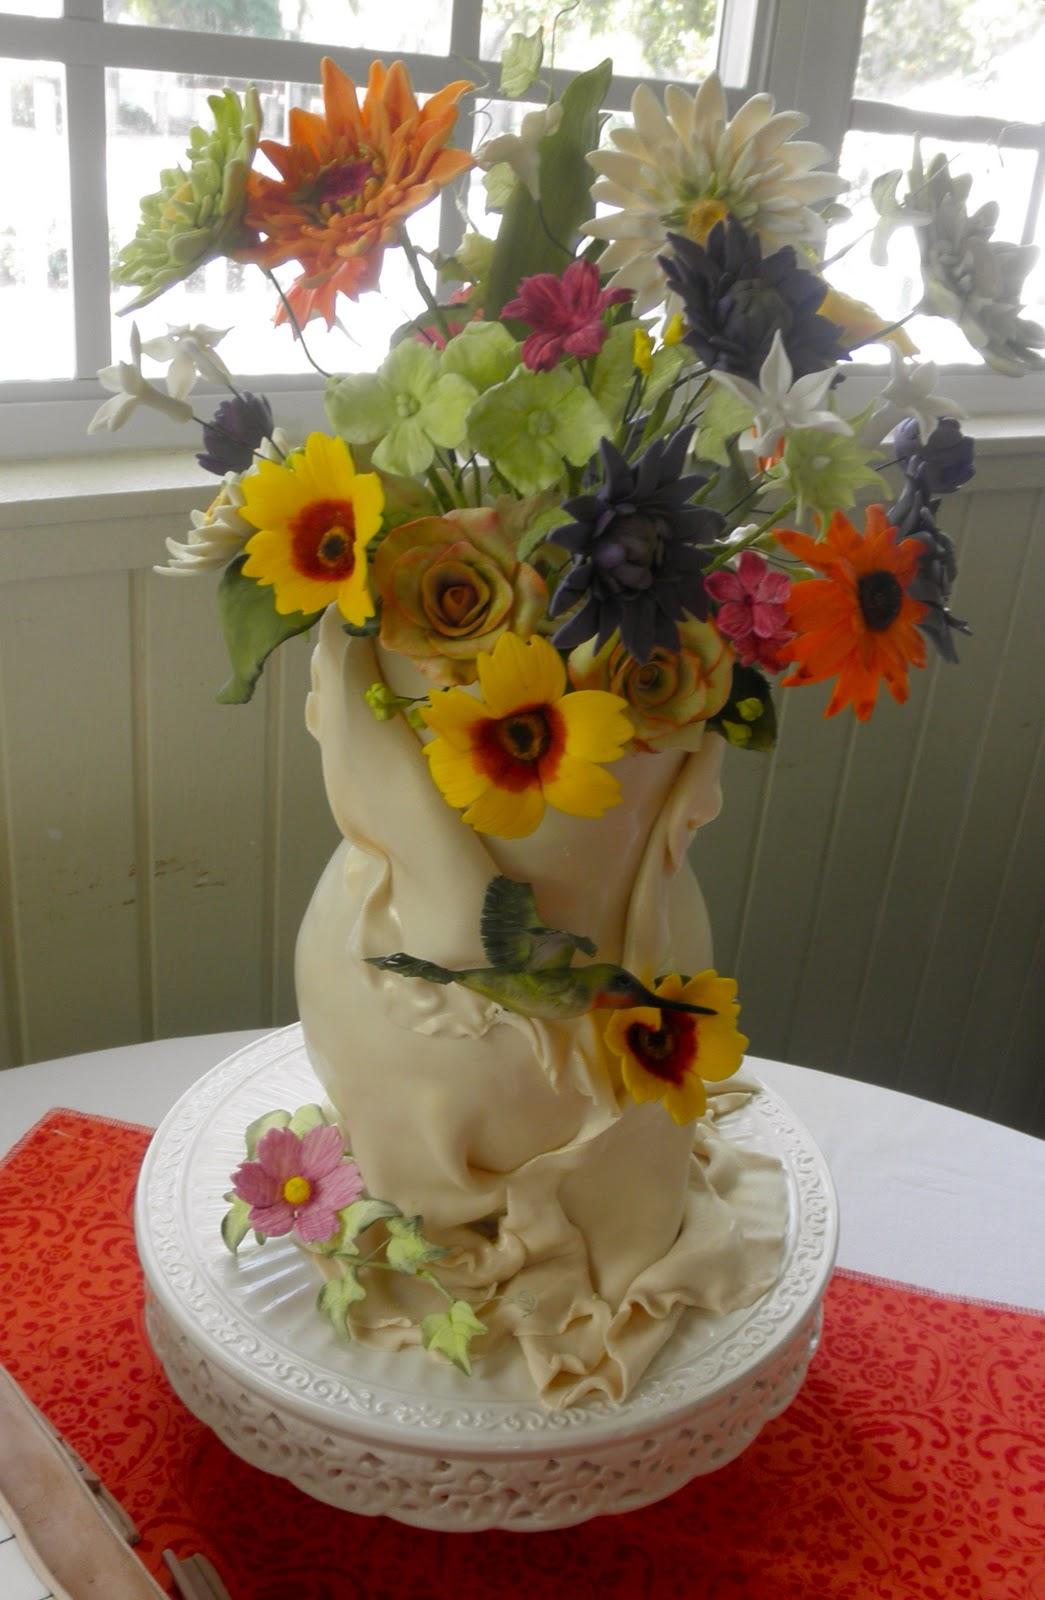 Sweet T's Cake Design: Sculpted Flower Vase Cake w ...